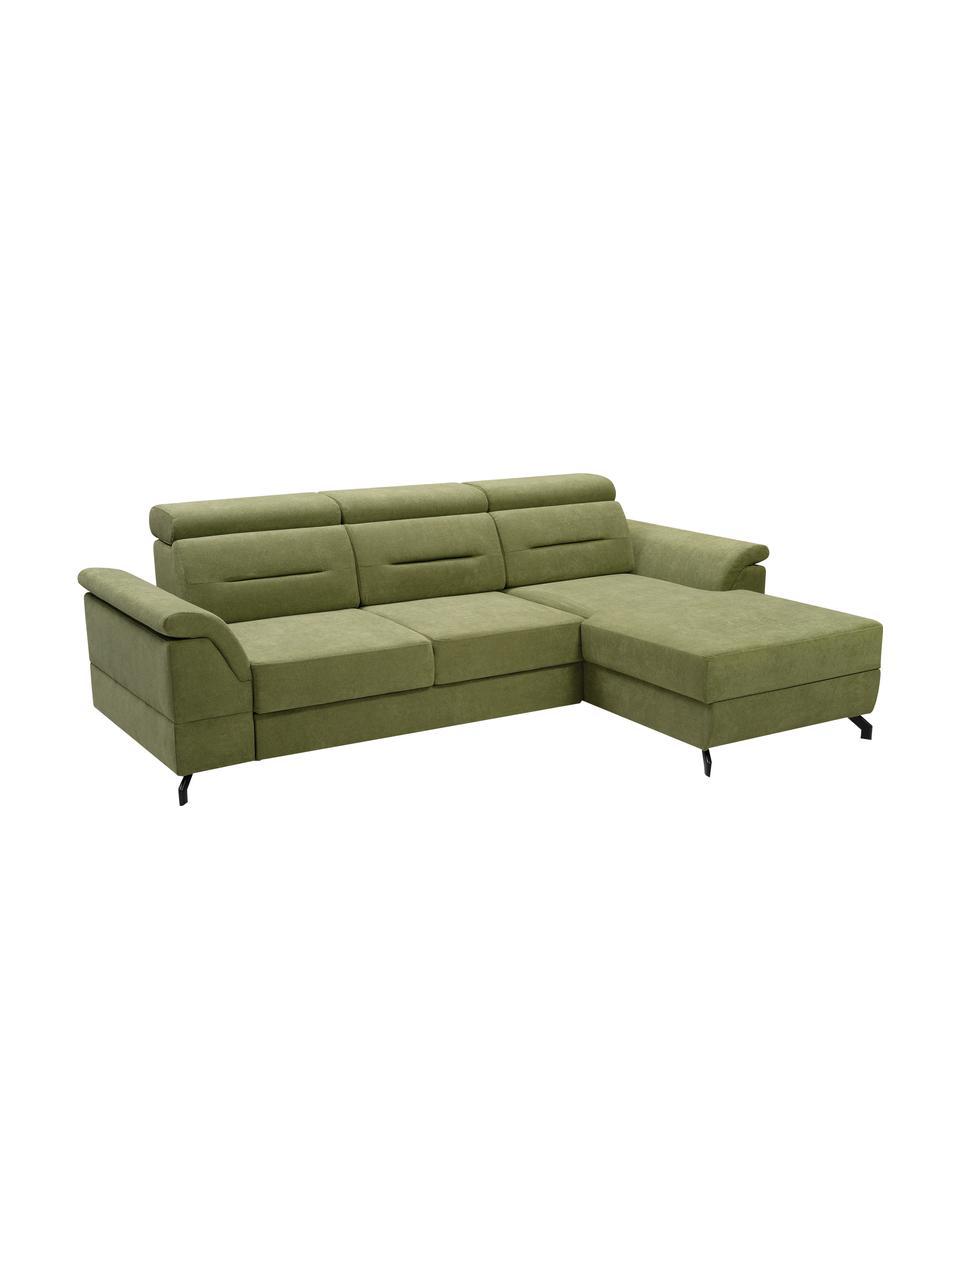 Divano letto angolare in tessuto verde con contenitore Missouri, Rivestimento: 100% poliestere, Verde, Larg. 259 x Prof. 164 cm